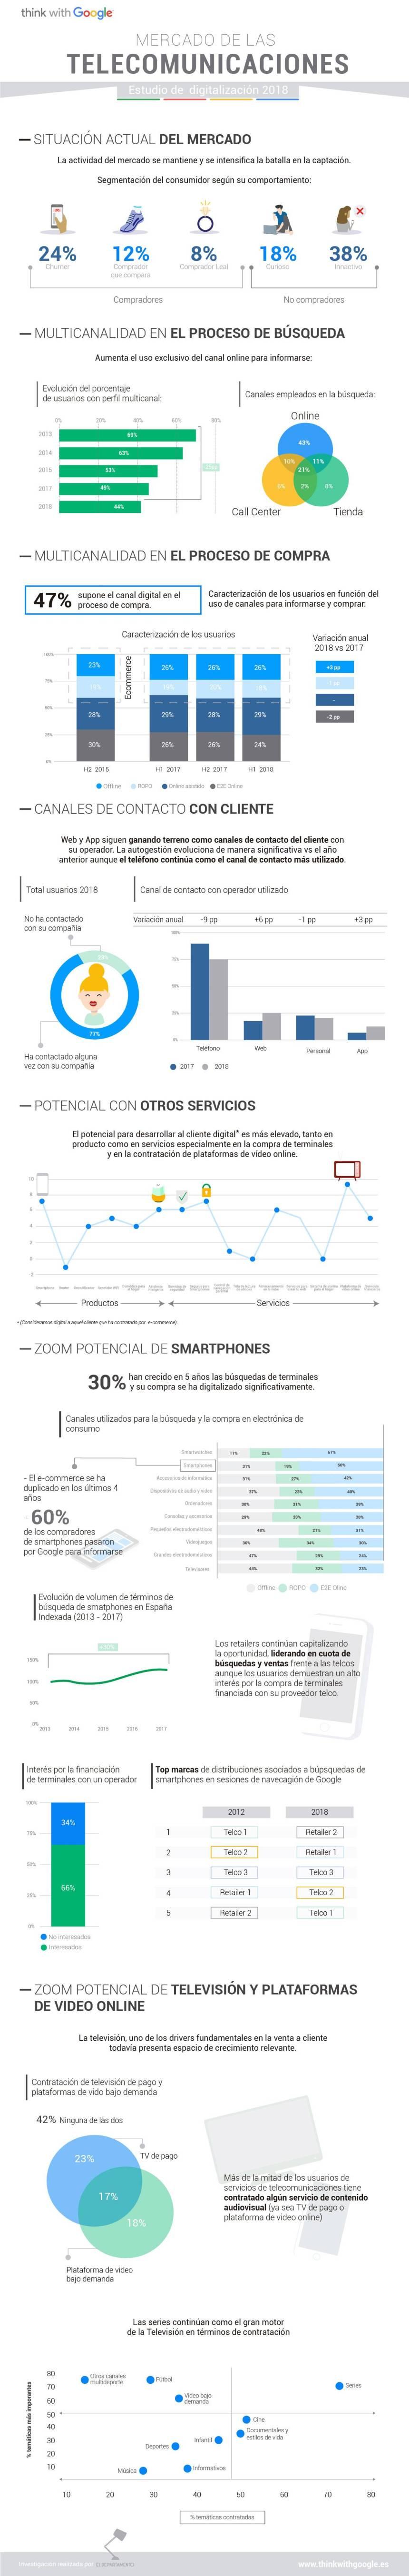 Digitalización del sector del las Telecomunicaciones